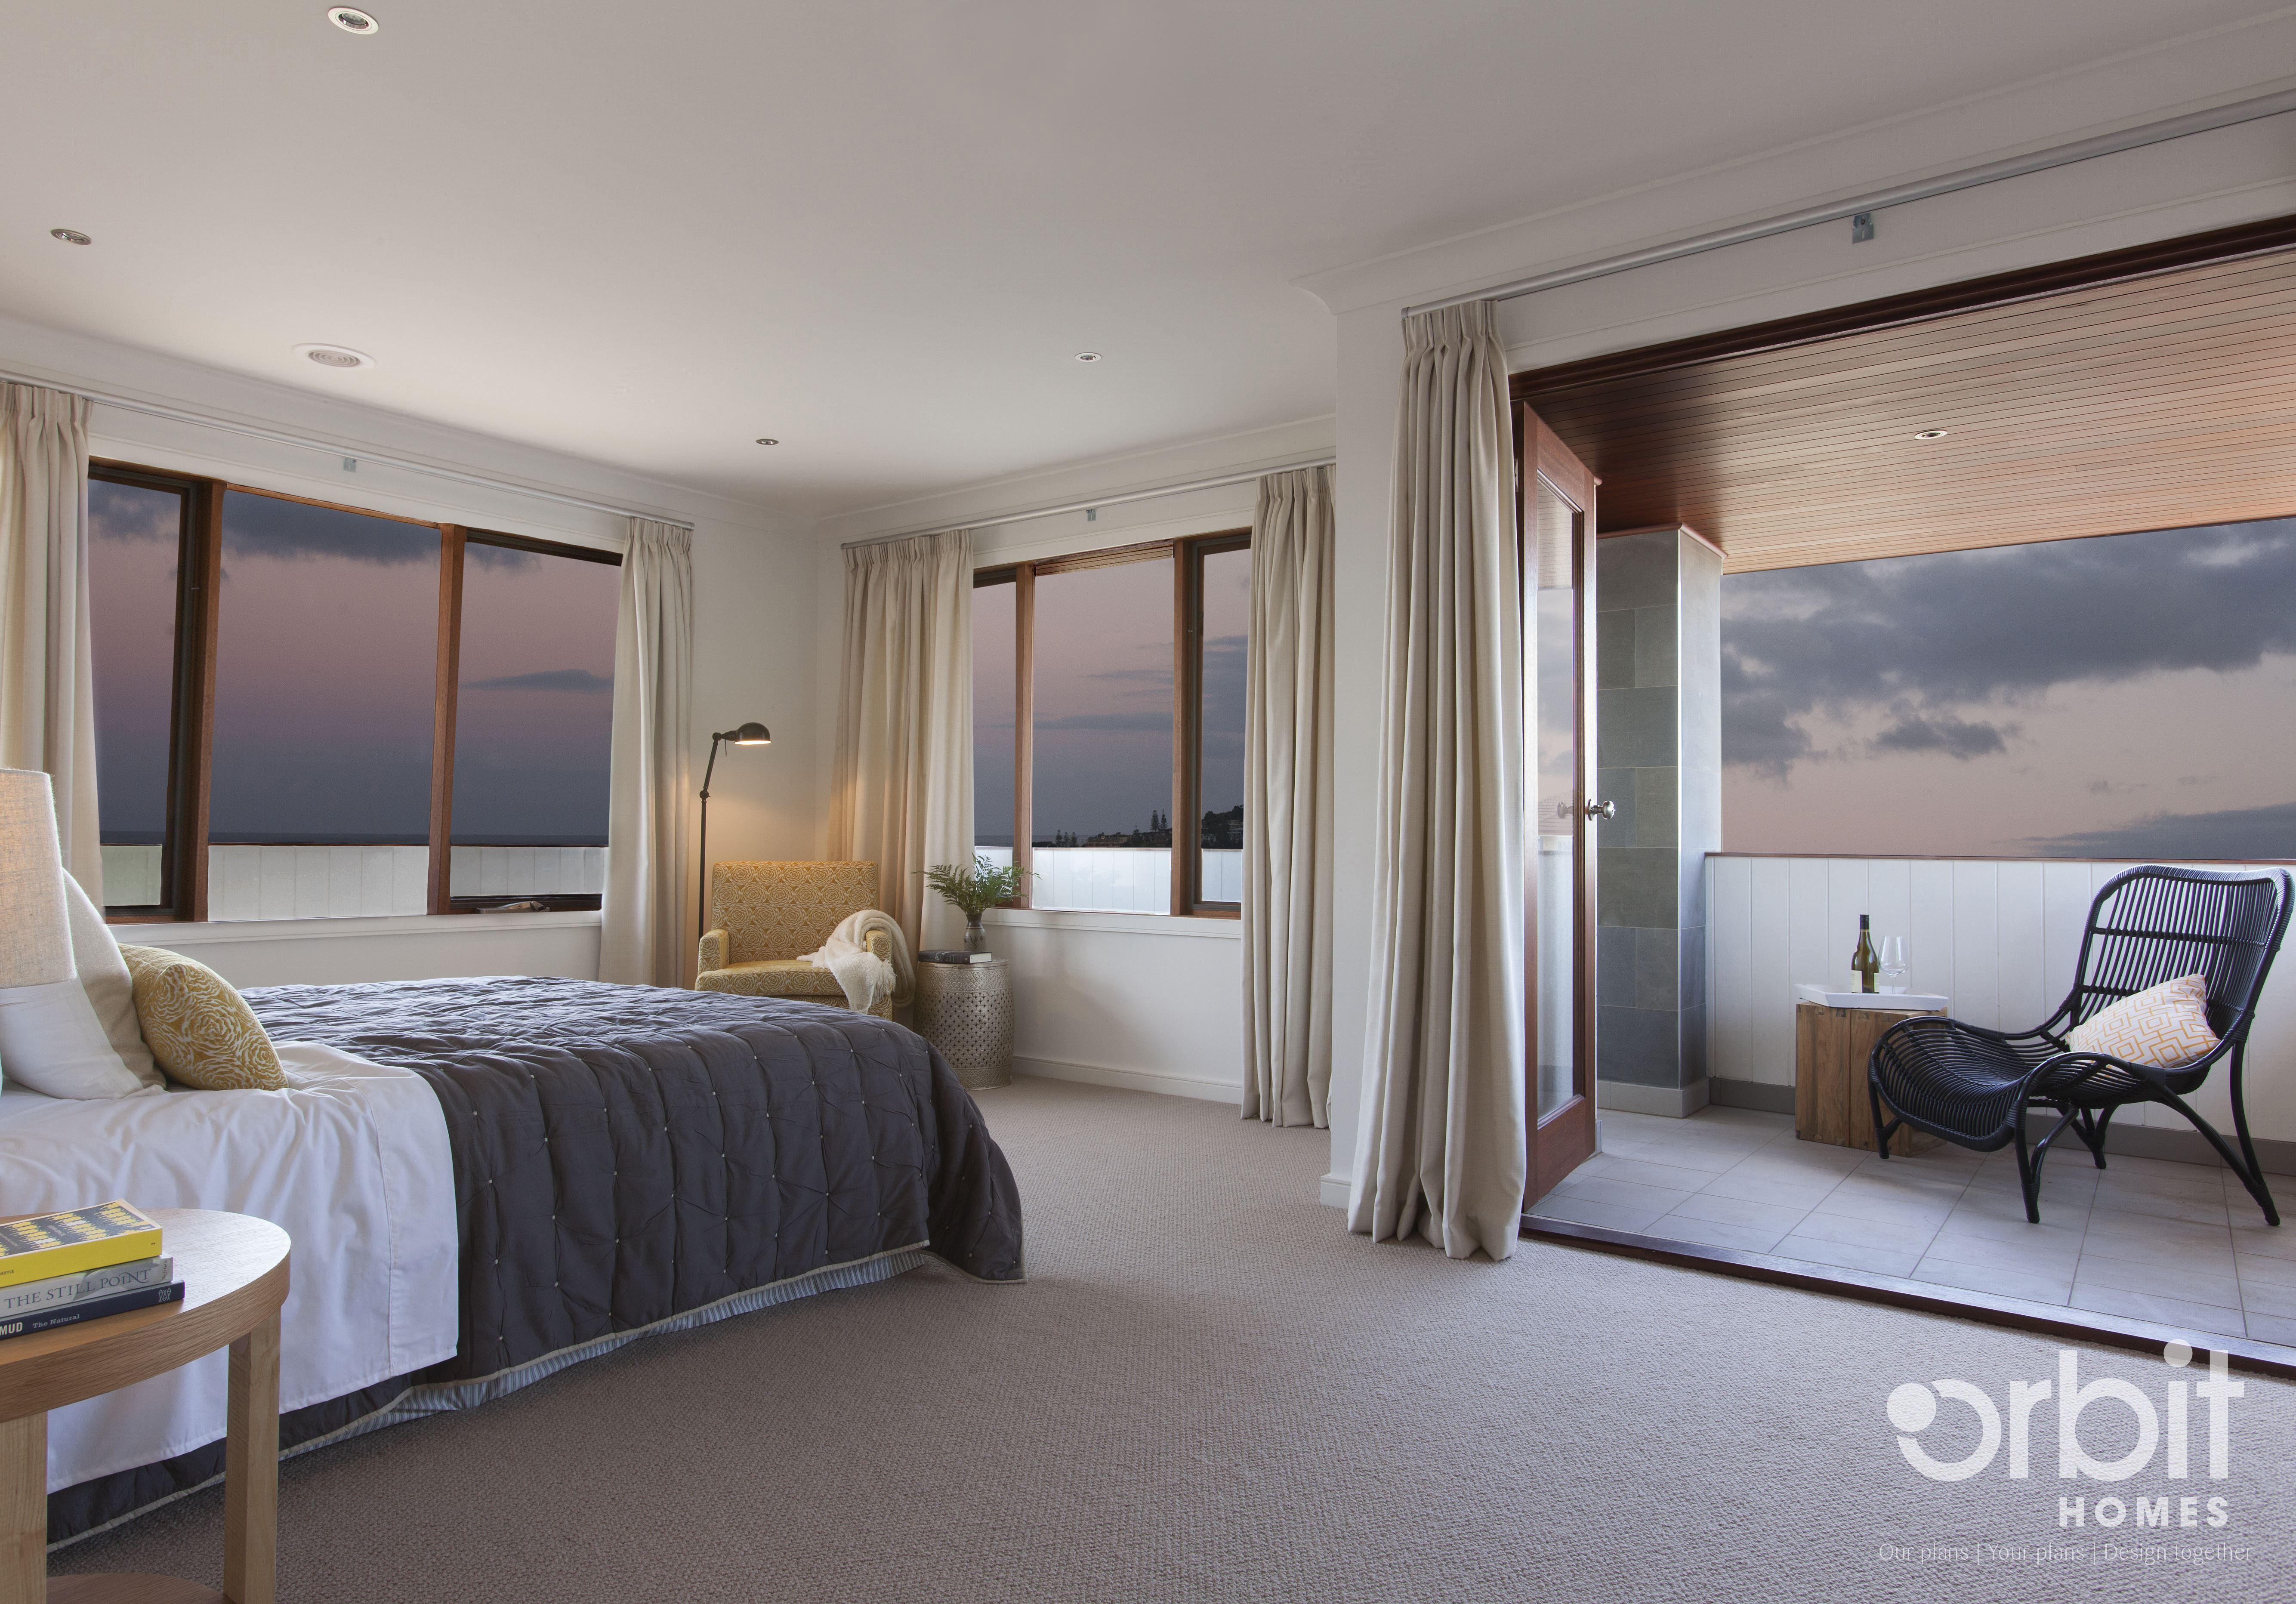 Best Orbit Homes Aspire 44 Master Bedroom Parent Retreat 400 x 300